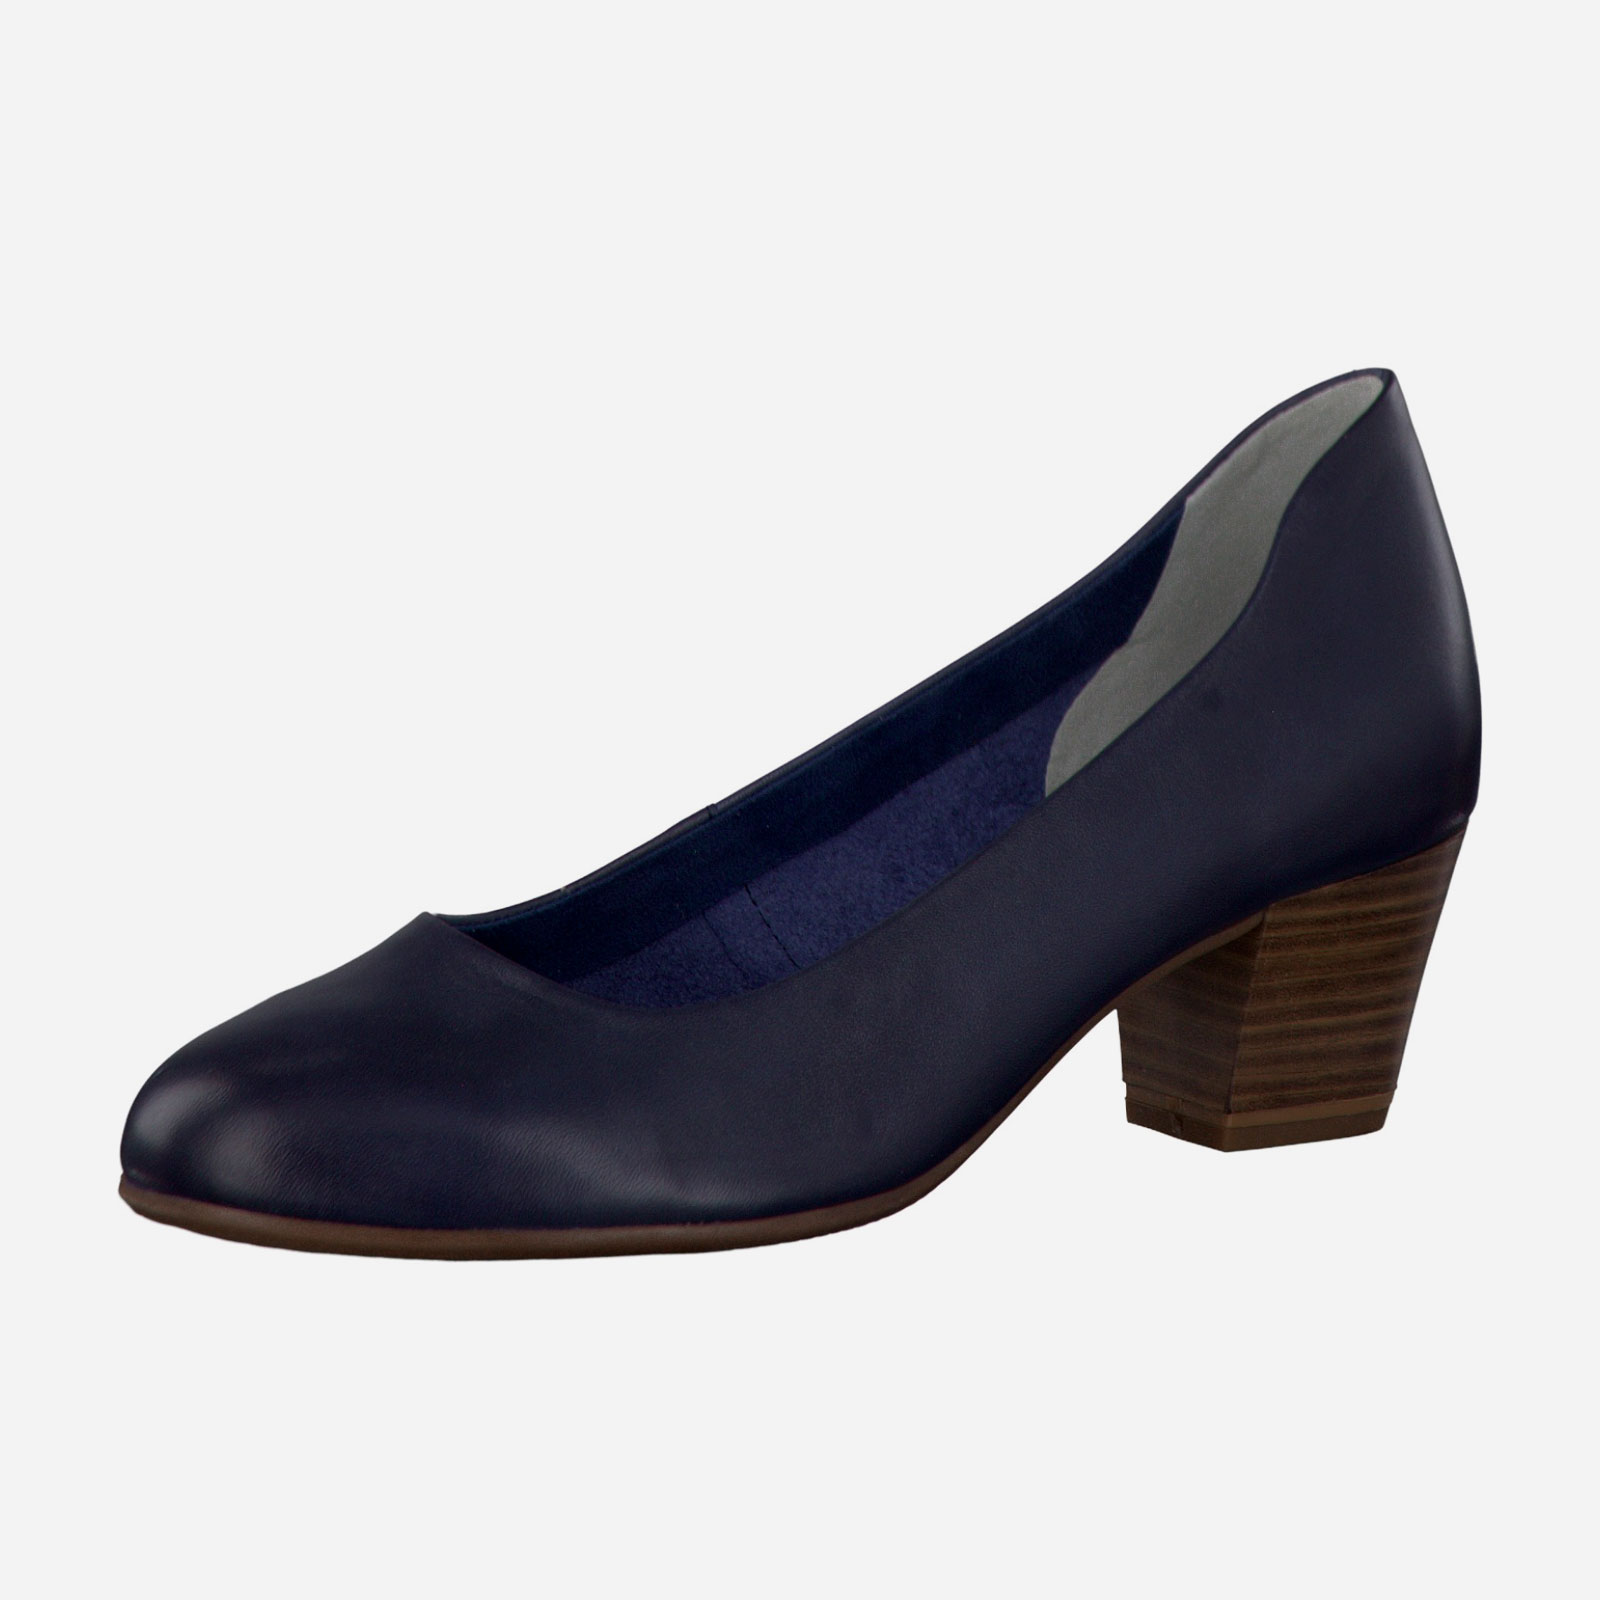 Туфли женские из натуральной кожи на каблуке